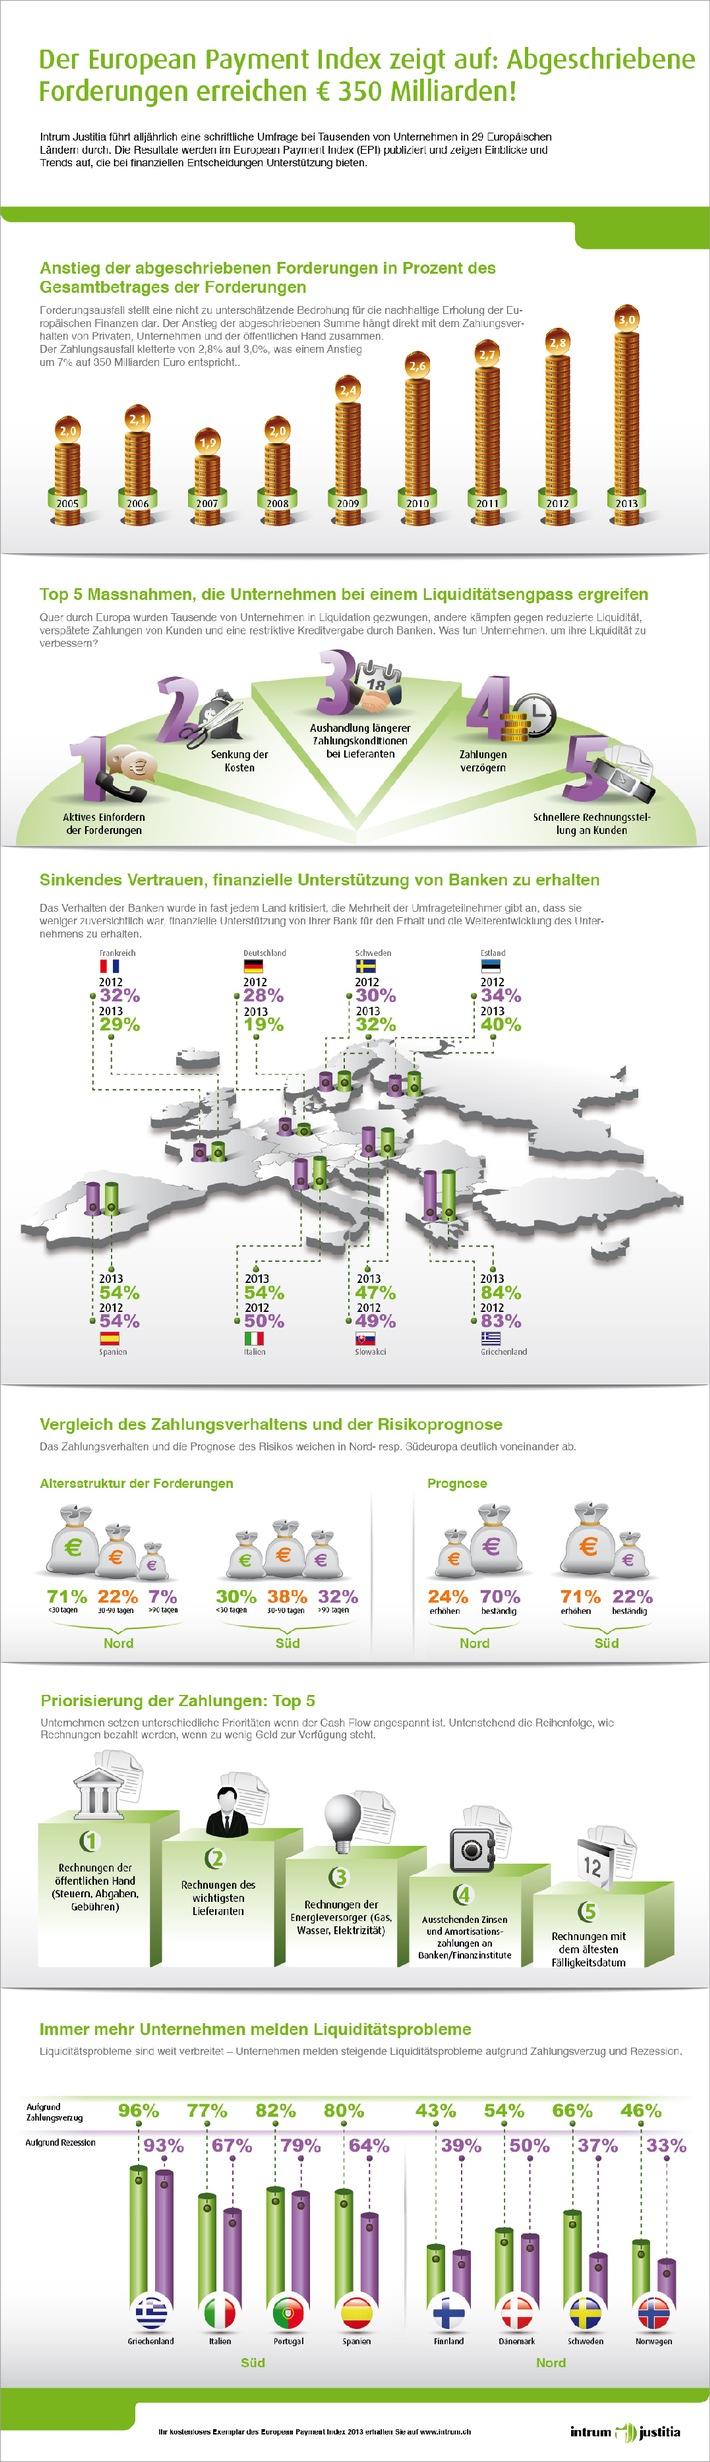 European Payment Index 2013 - aktuelle Studie von Intrum Justitia: Abgeschriebene Forderungen von Schweizer Unternehmen erreichen fast 8 Milliarden Schweizer Franken